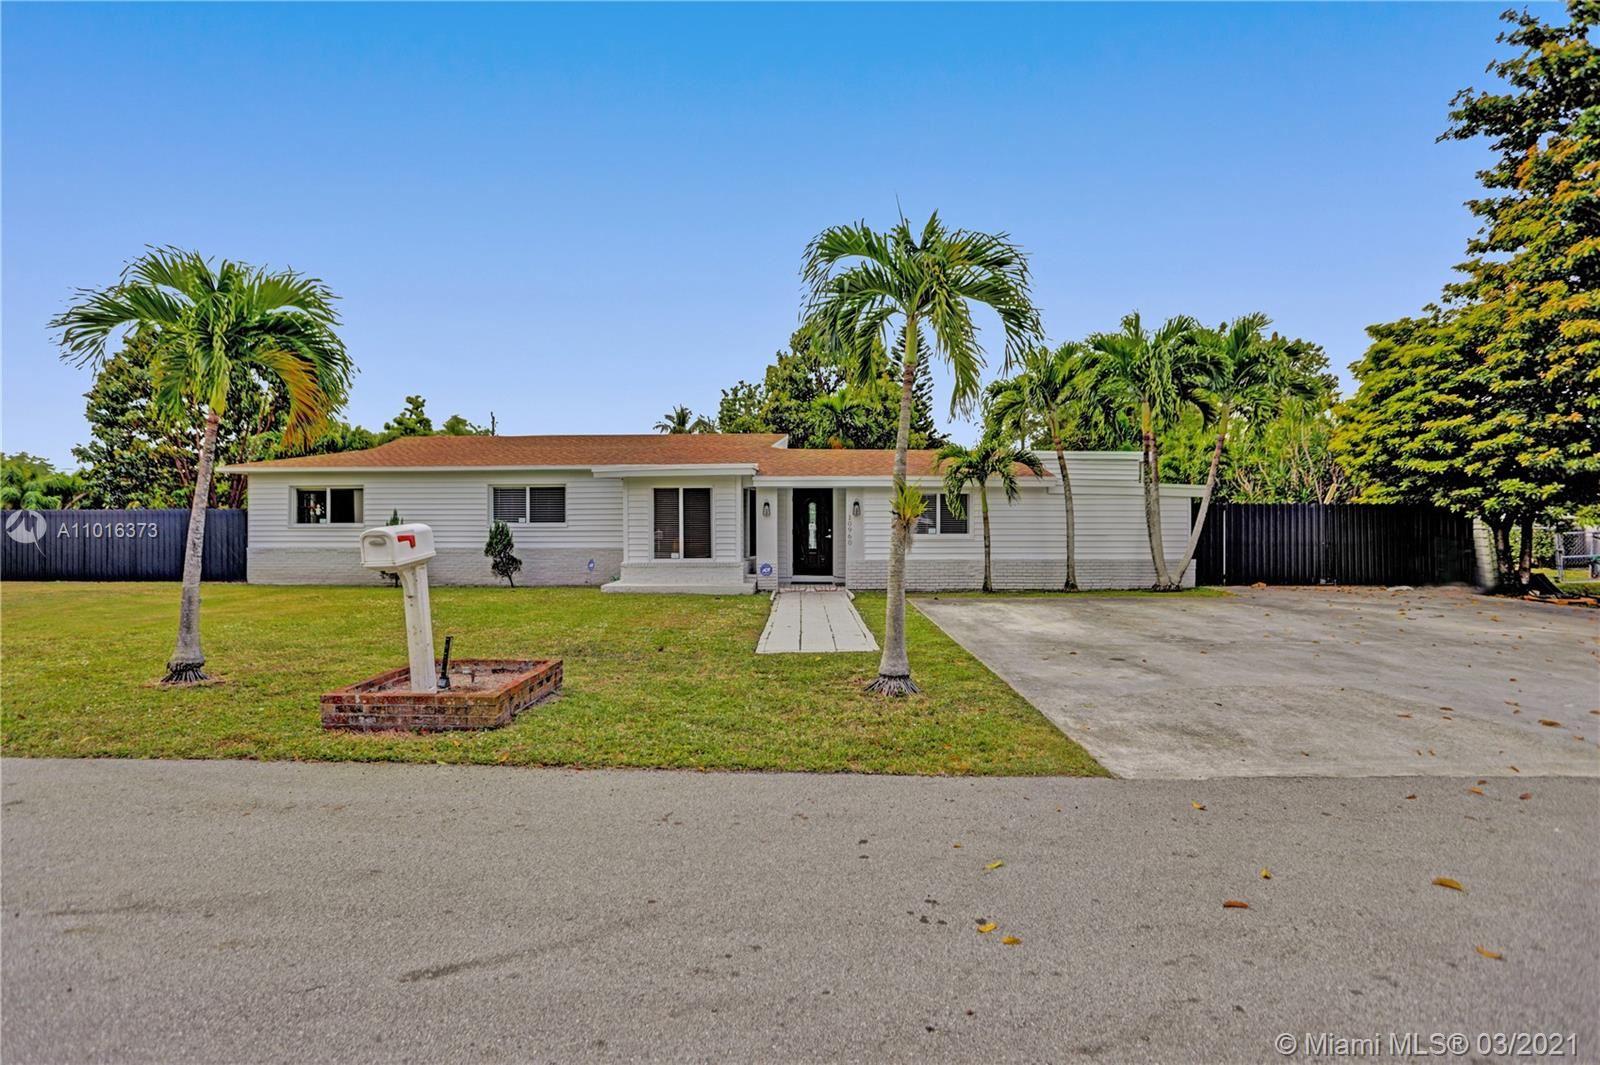 10960 SW 115th St, Miami, FL 33176 - #: A11016373